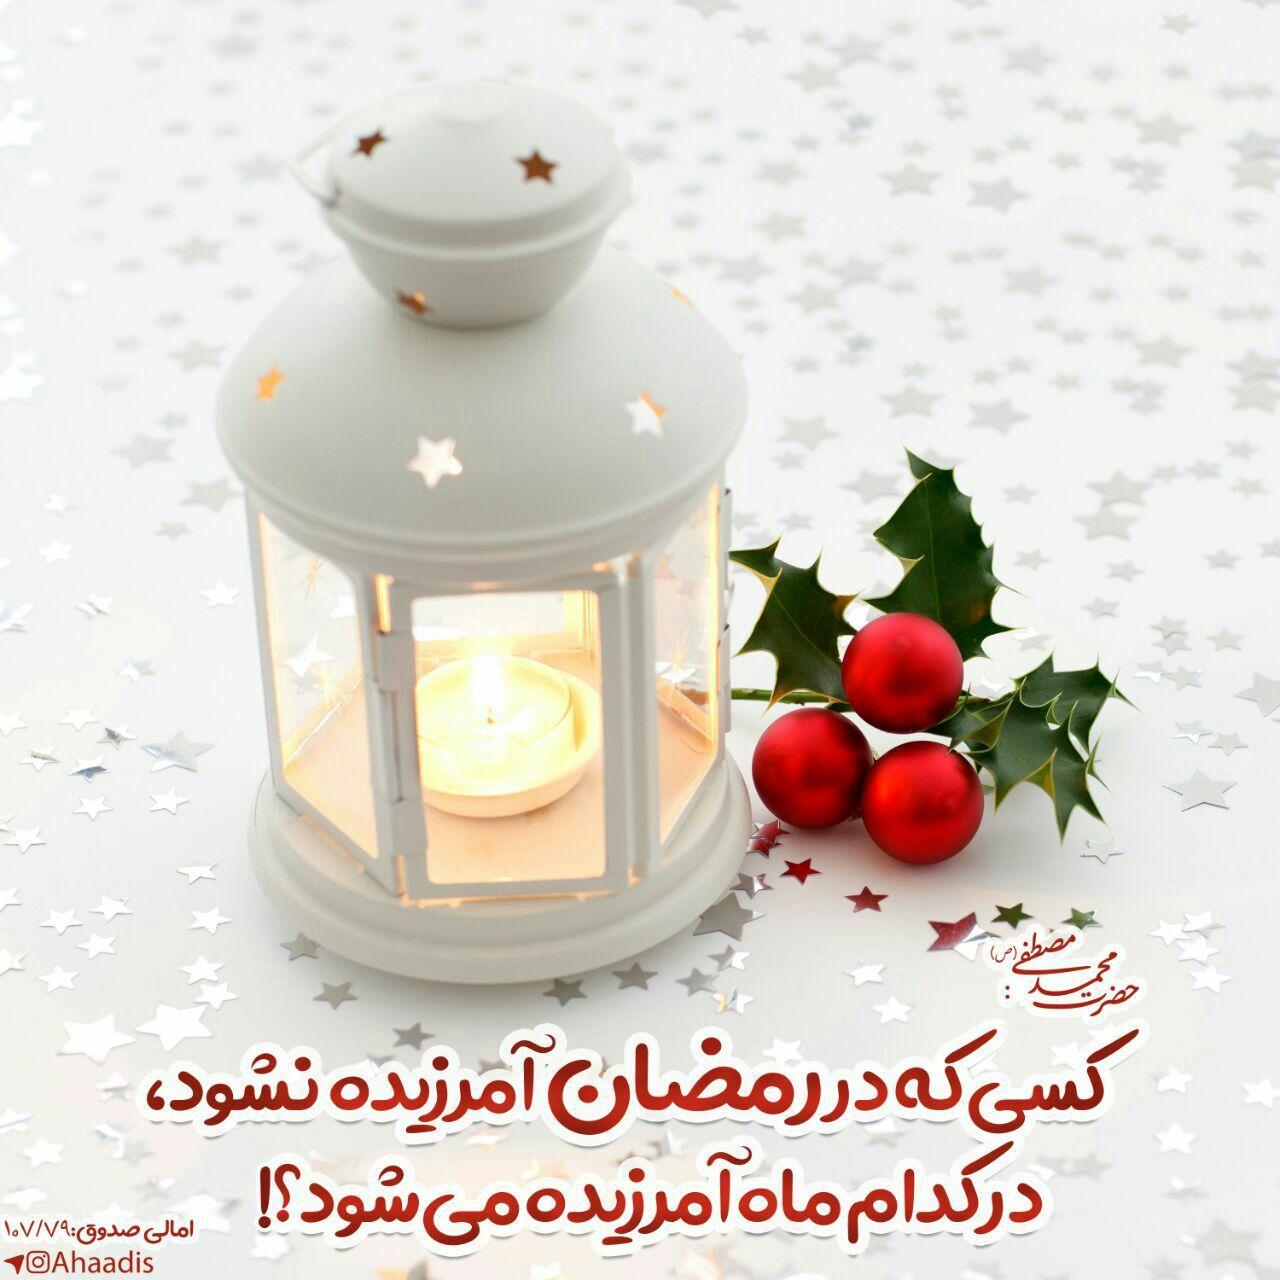 مجموعه ای از احادیث زیبا در ماه مبارک رمضان